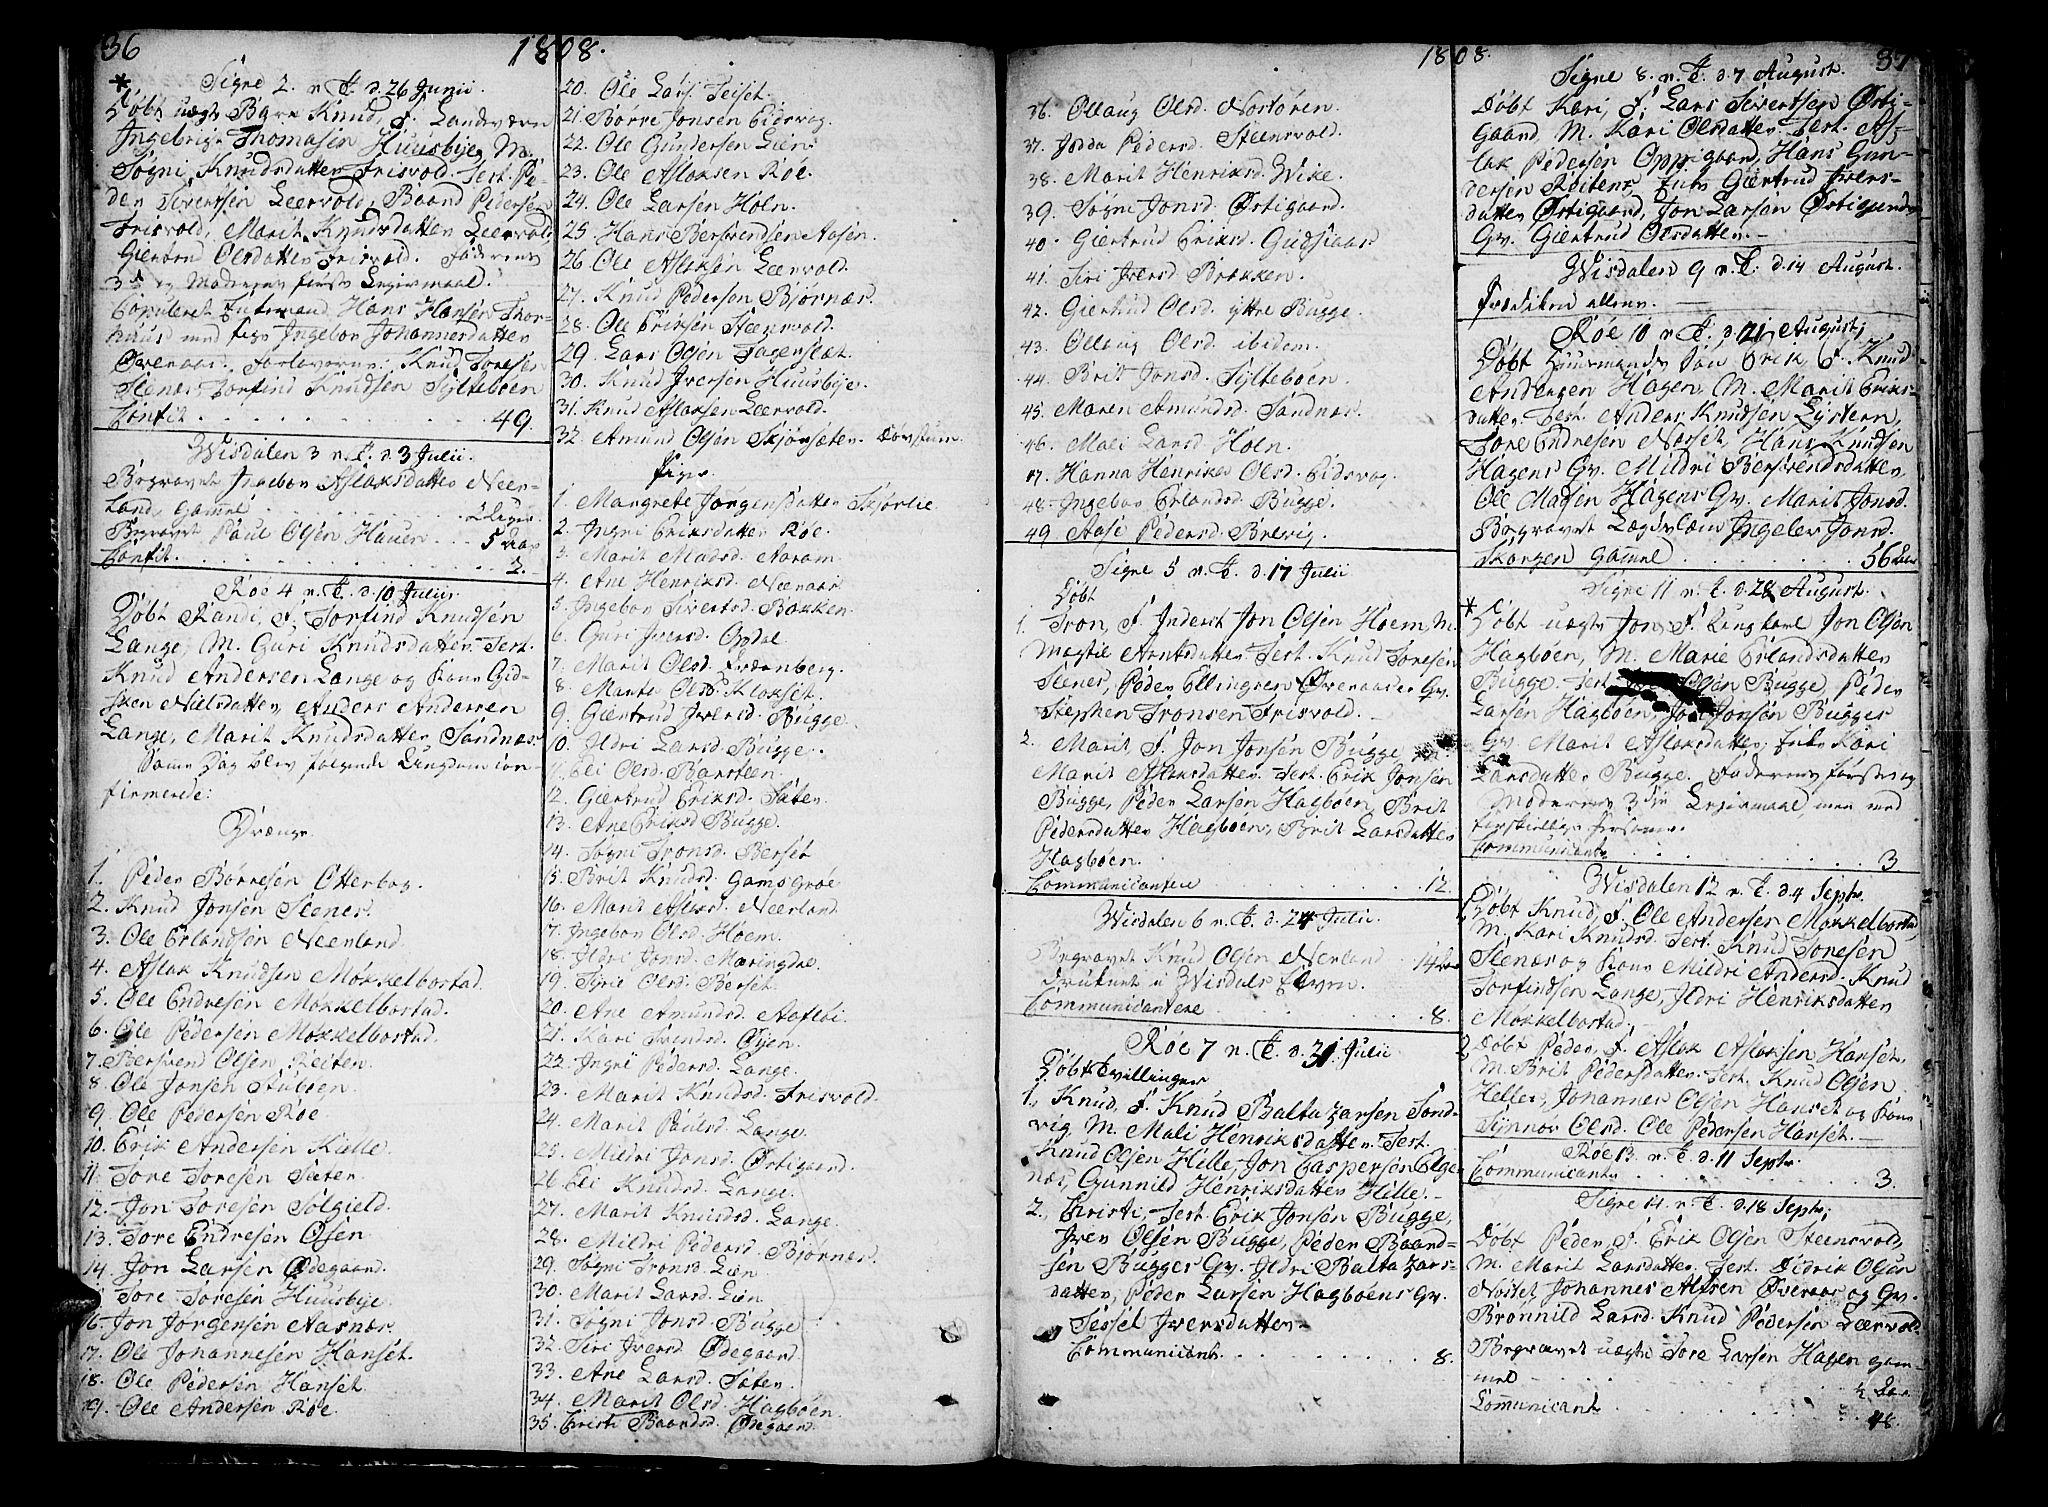 SAT, Ministerialprotokoller, klokkerbøker og fødselsregistre - Møre og Romsdal, 551/L0622: Ministerialbok nr. 551A02, 1804-1845, s. 36-37